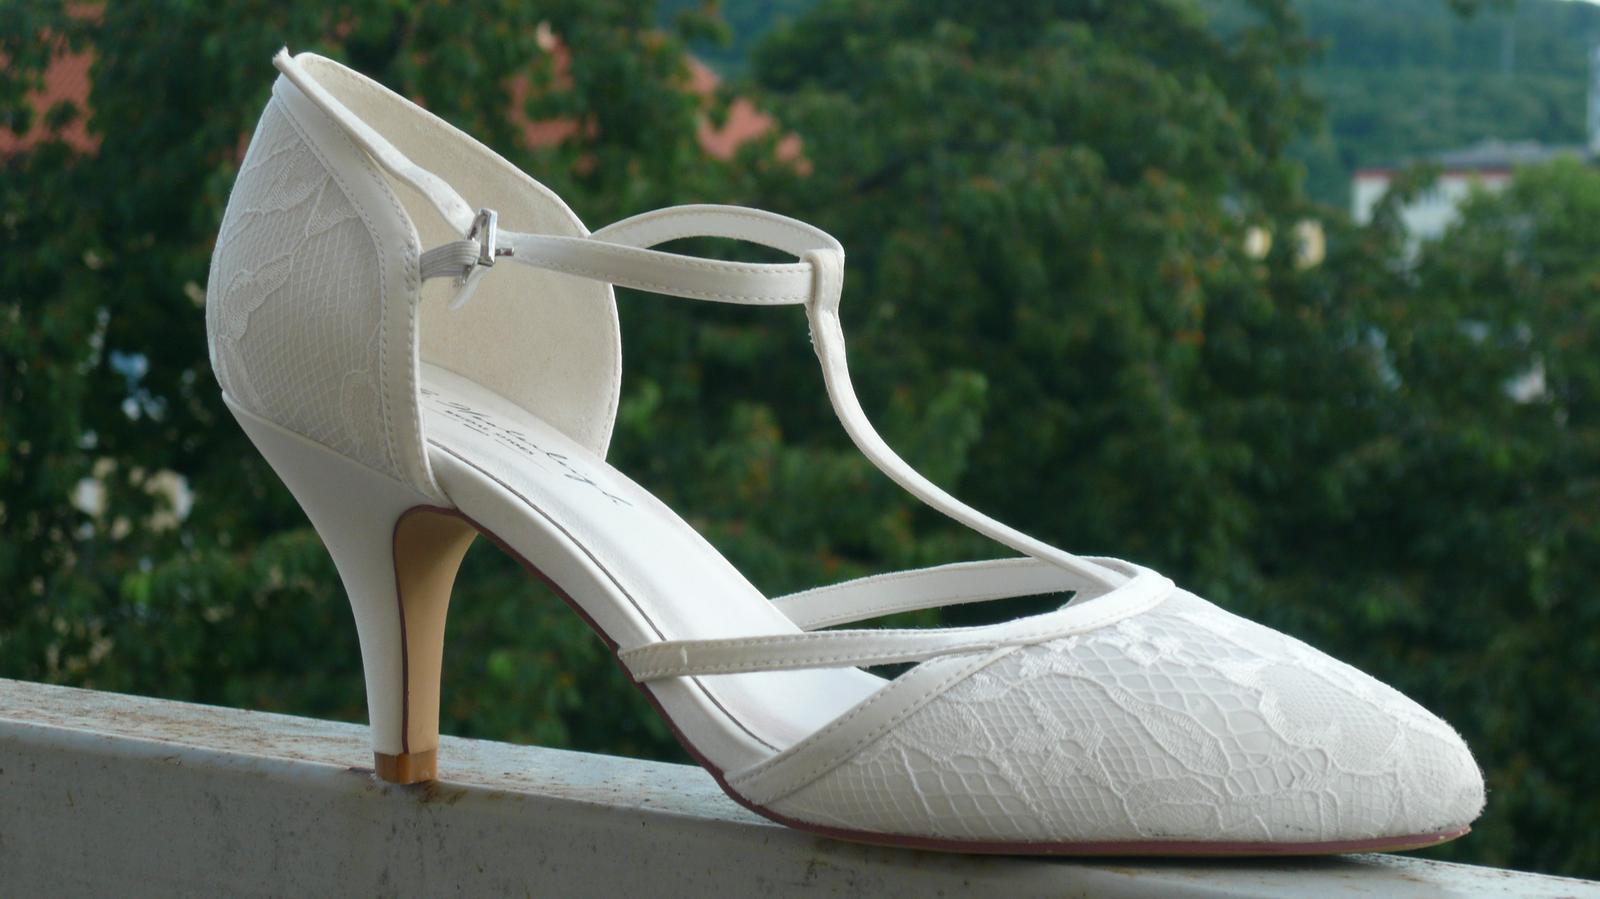 Top stav - svadobné topánky G.Westerleigh  - Obrázok č. 1